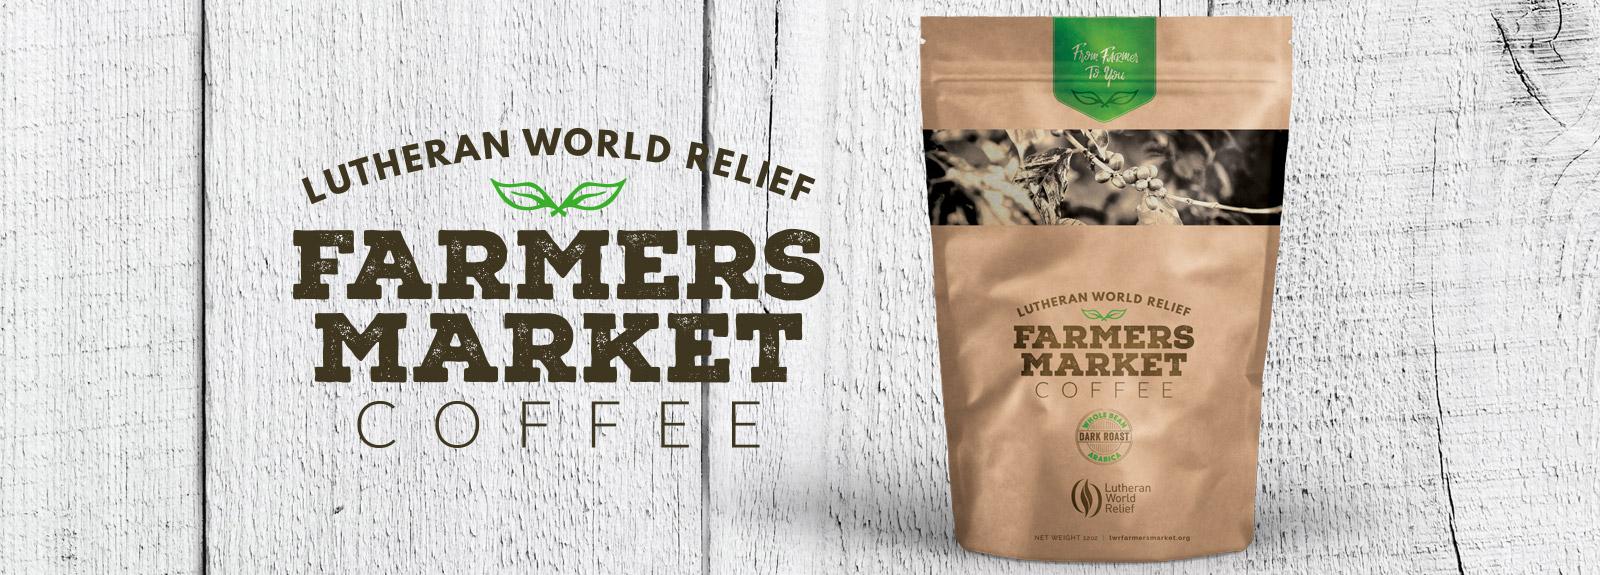 LWR Farmers Market Coffee   Lutheran World Relief